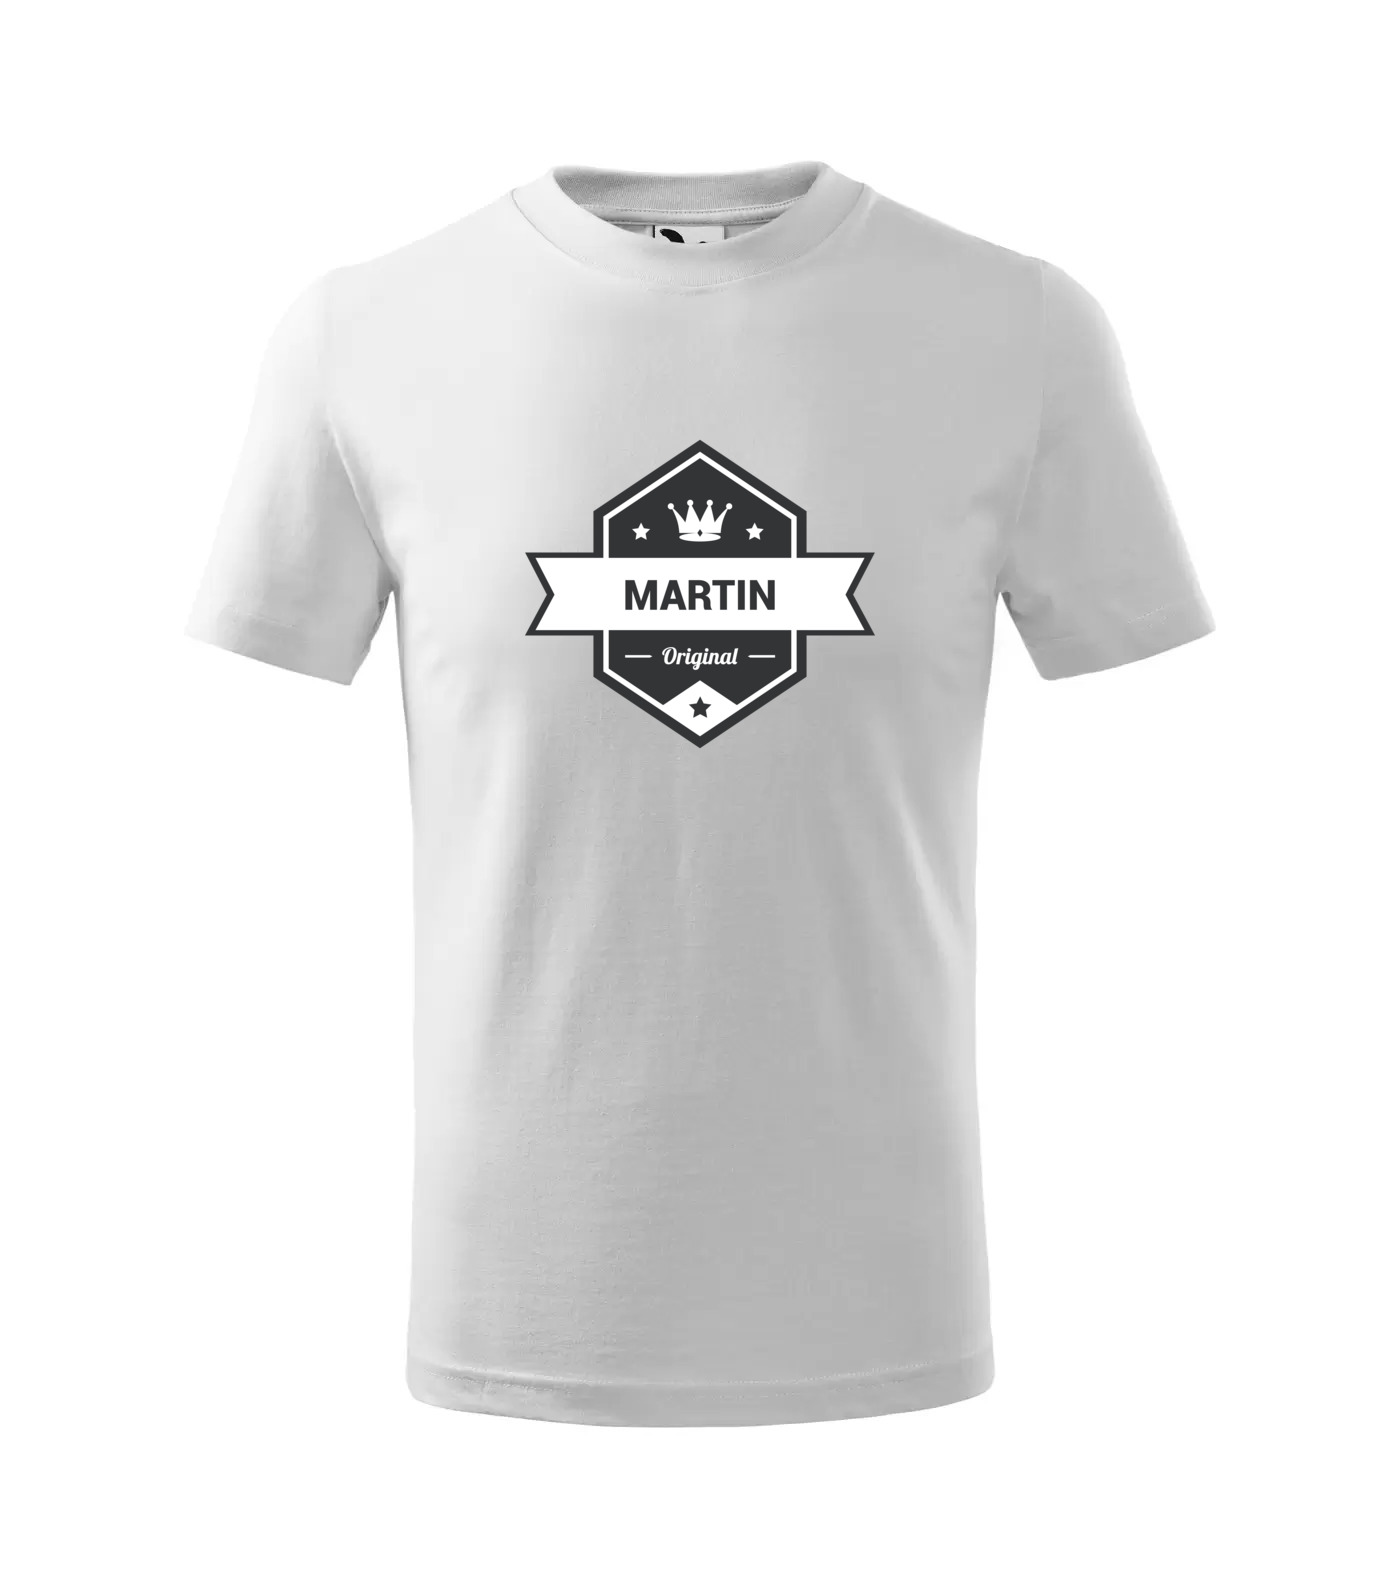 Tričko King Martin